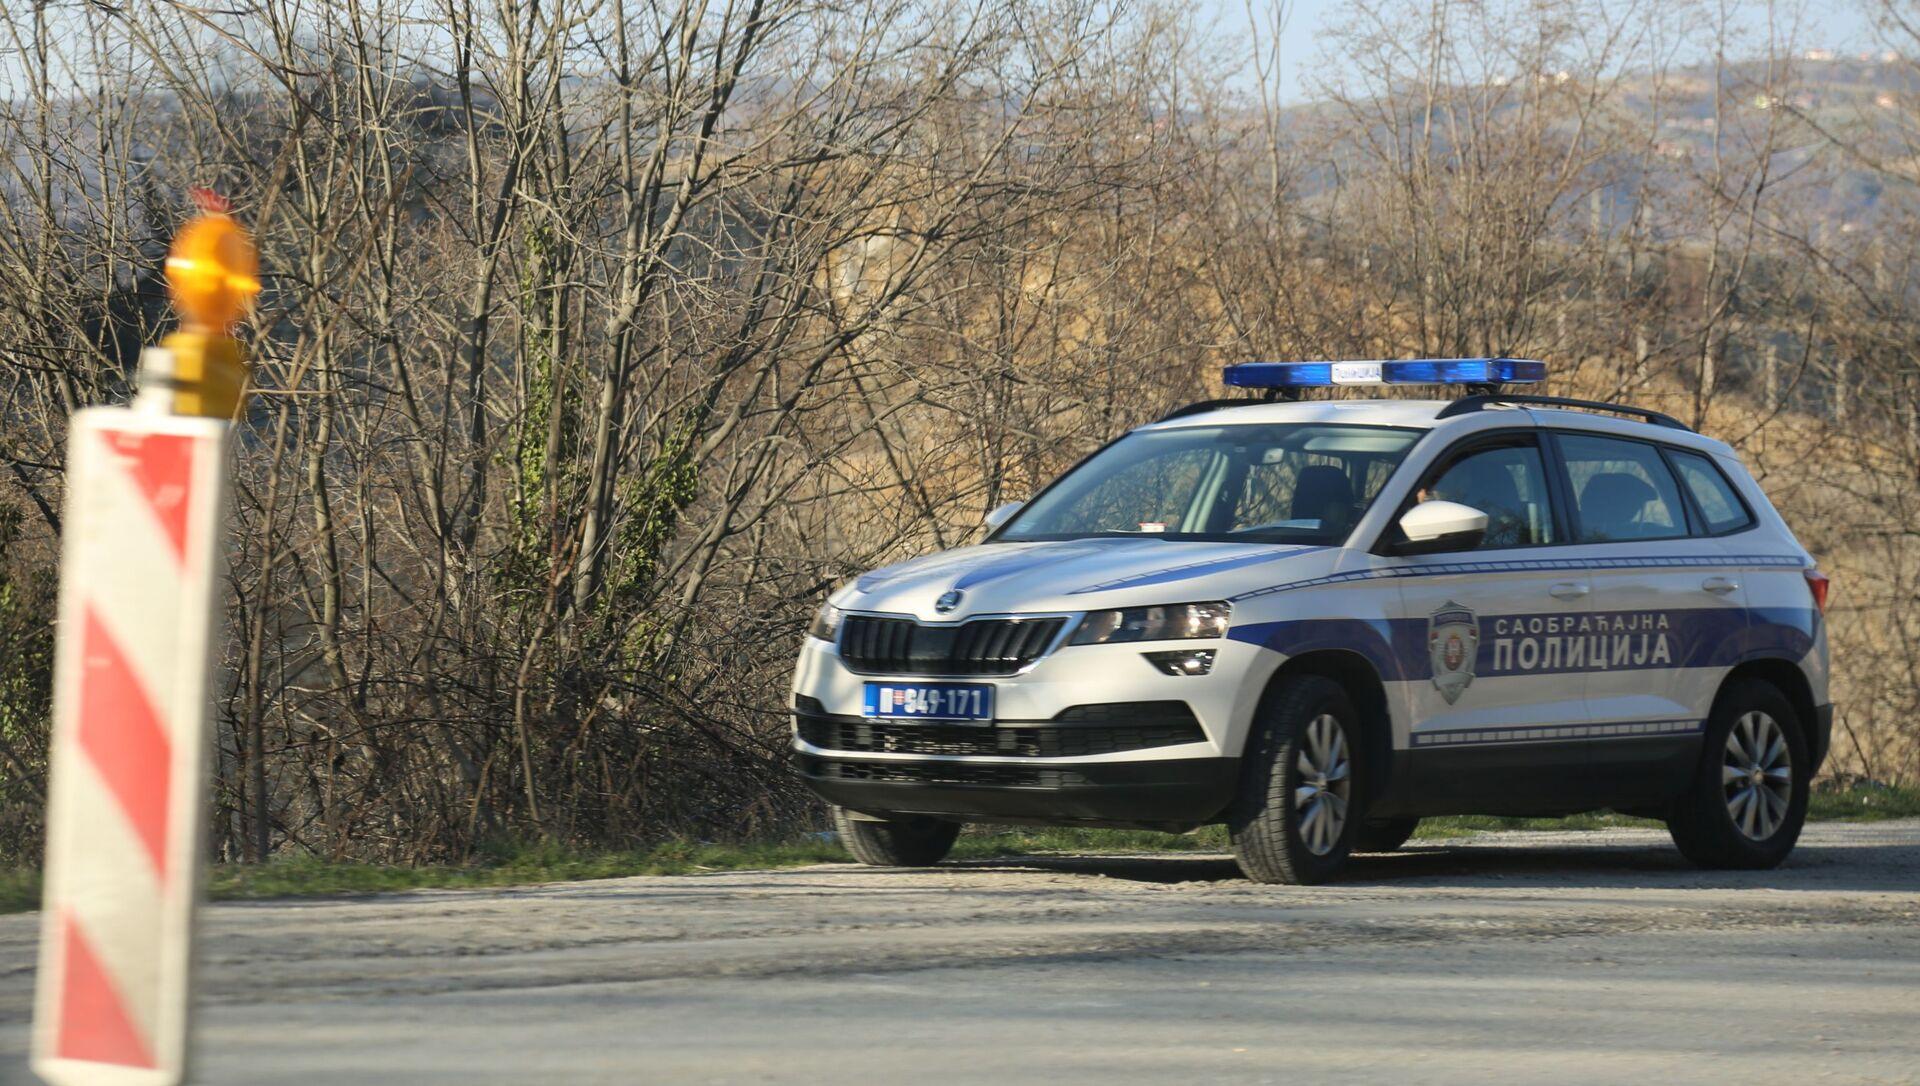 Возило саобраћајне полиције - Sputnik Србија, 1920, 02.02.2021